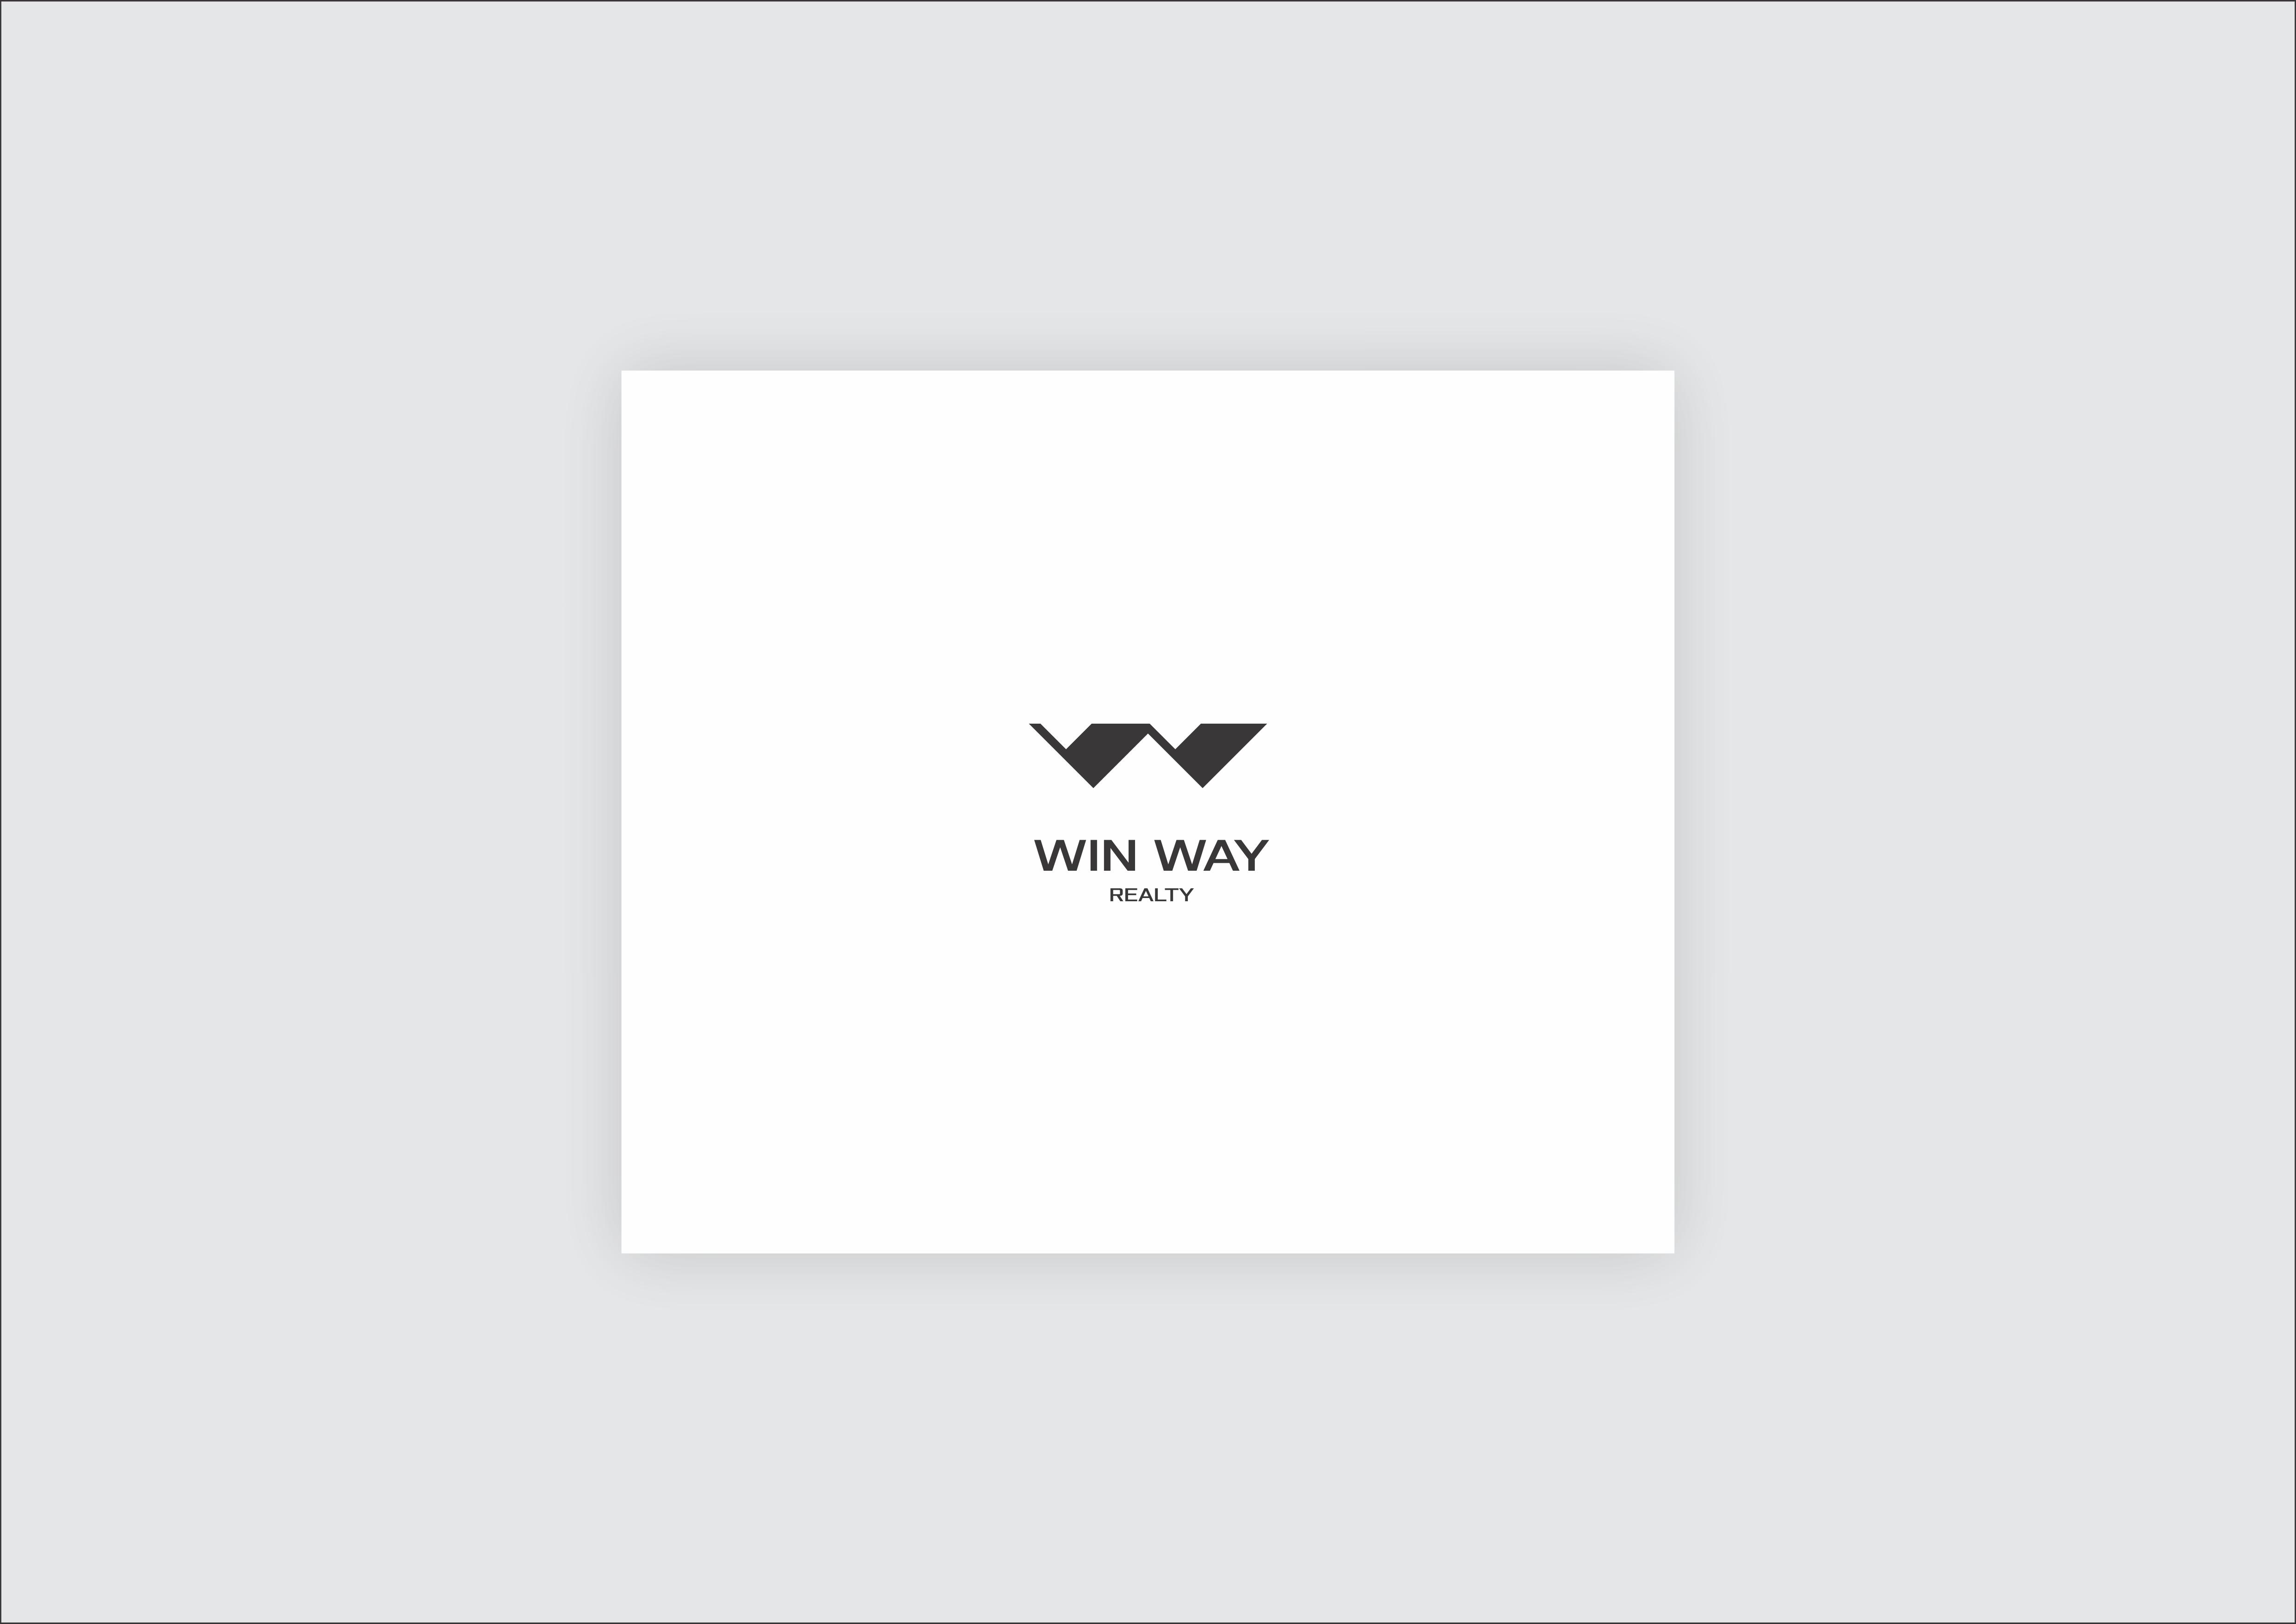 Логотип для агентства недвижимости фото f_6365aabc68461896.png